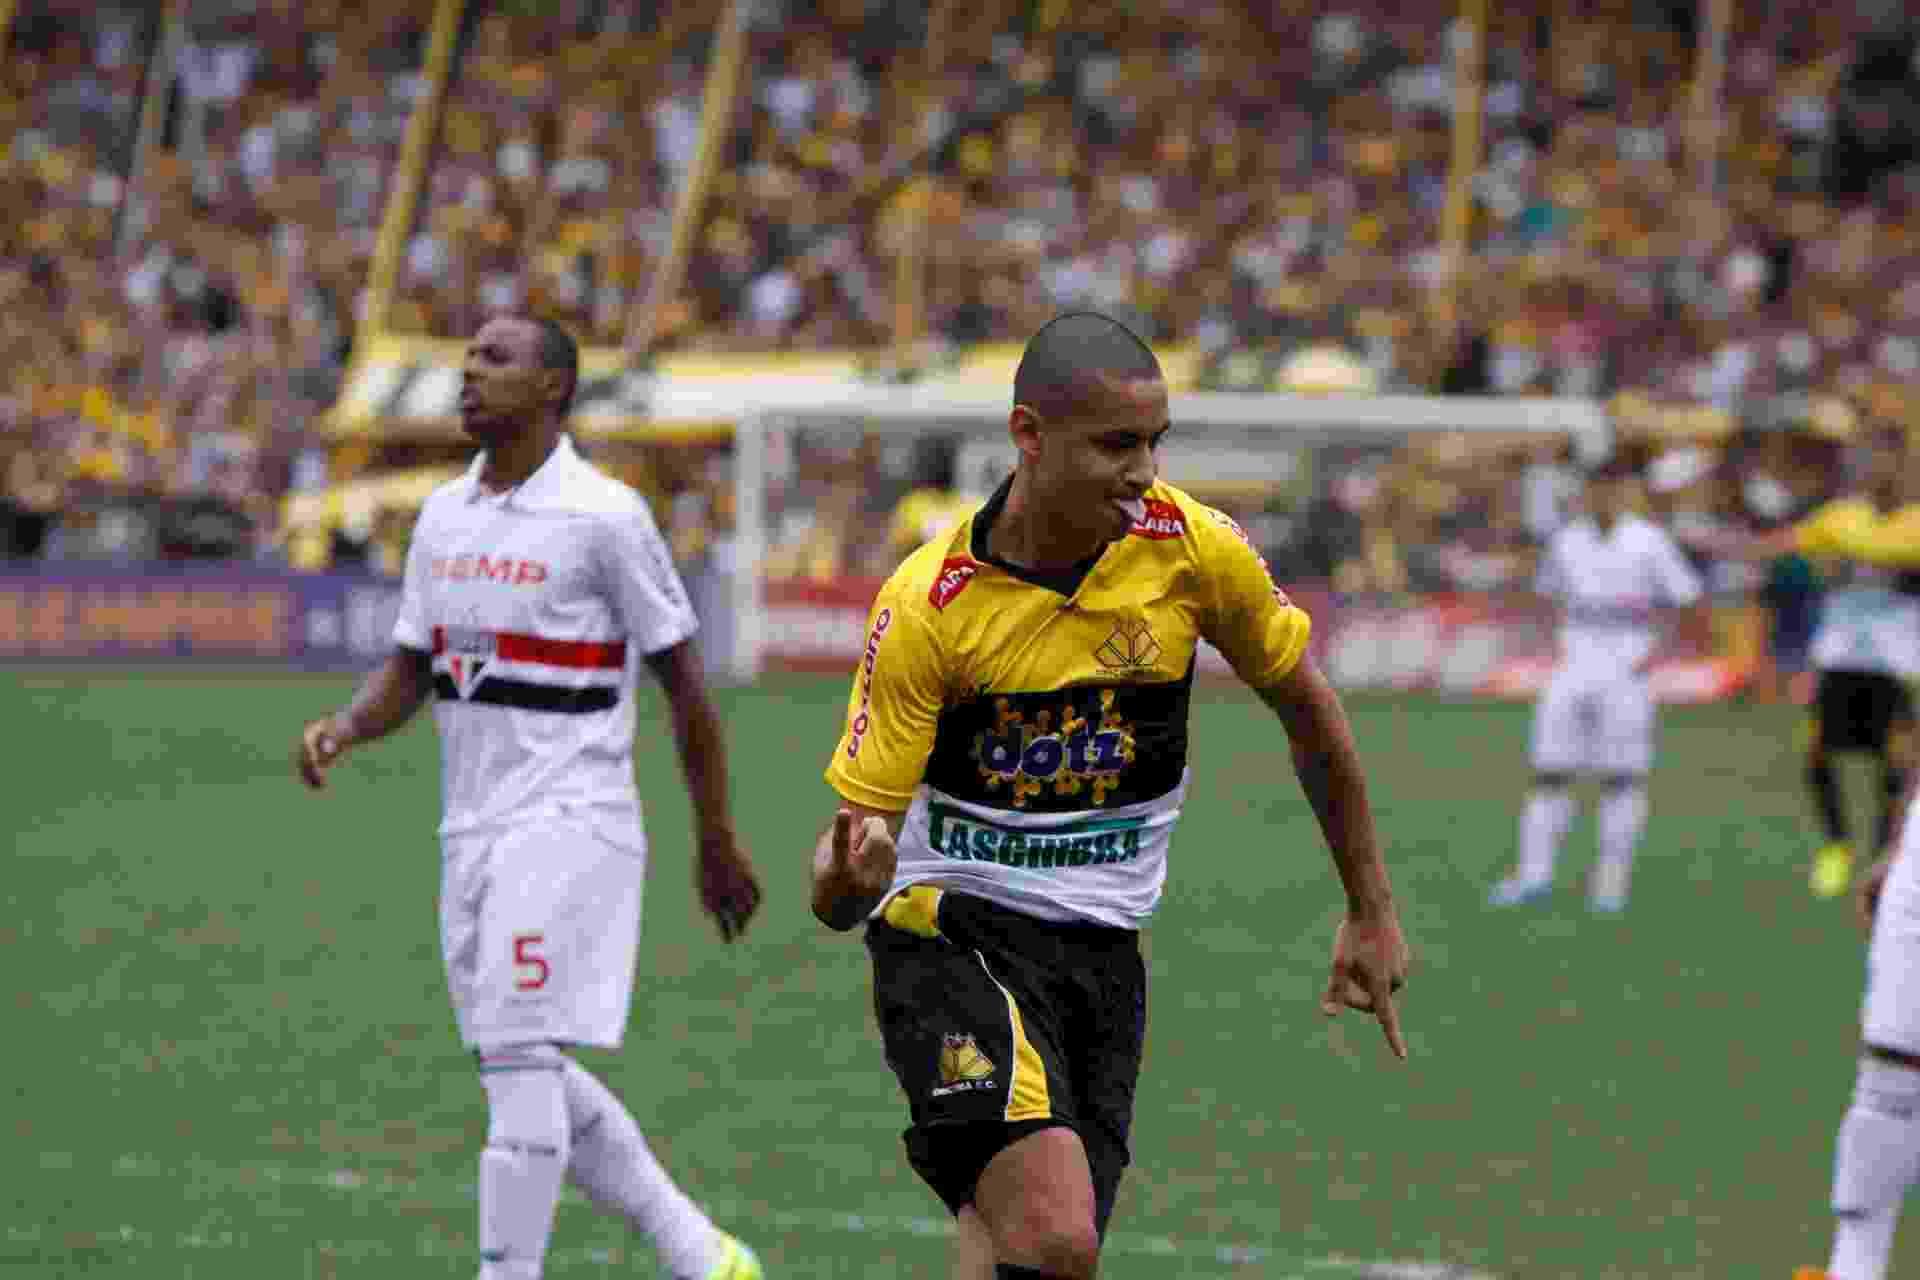 Welington Paulista comemora gol do Criciúma contra o São Paulo - Fernando Carvalho/AGP/Estadão